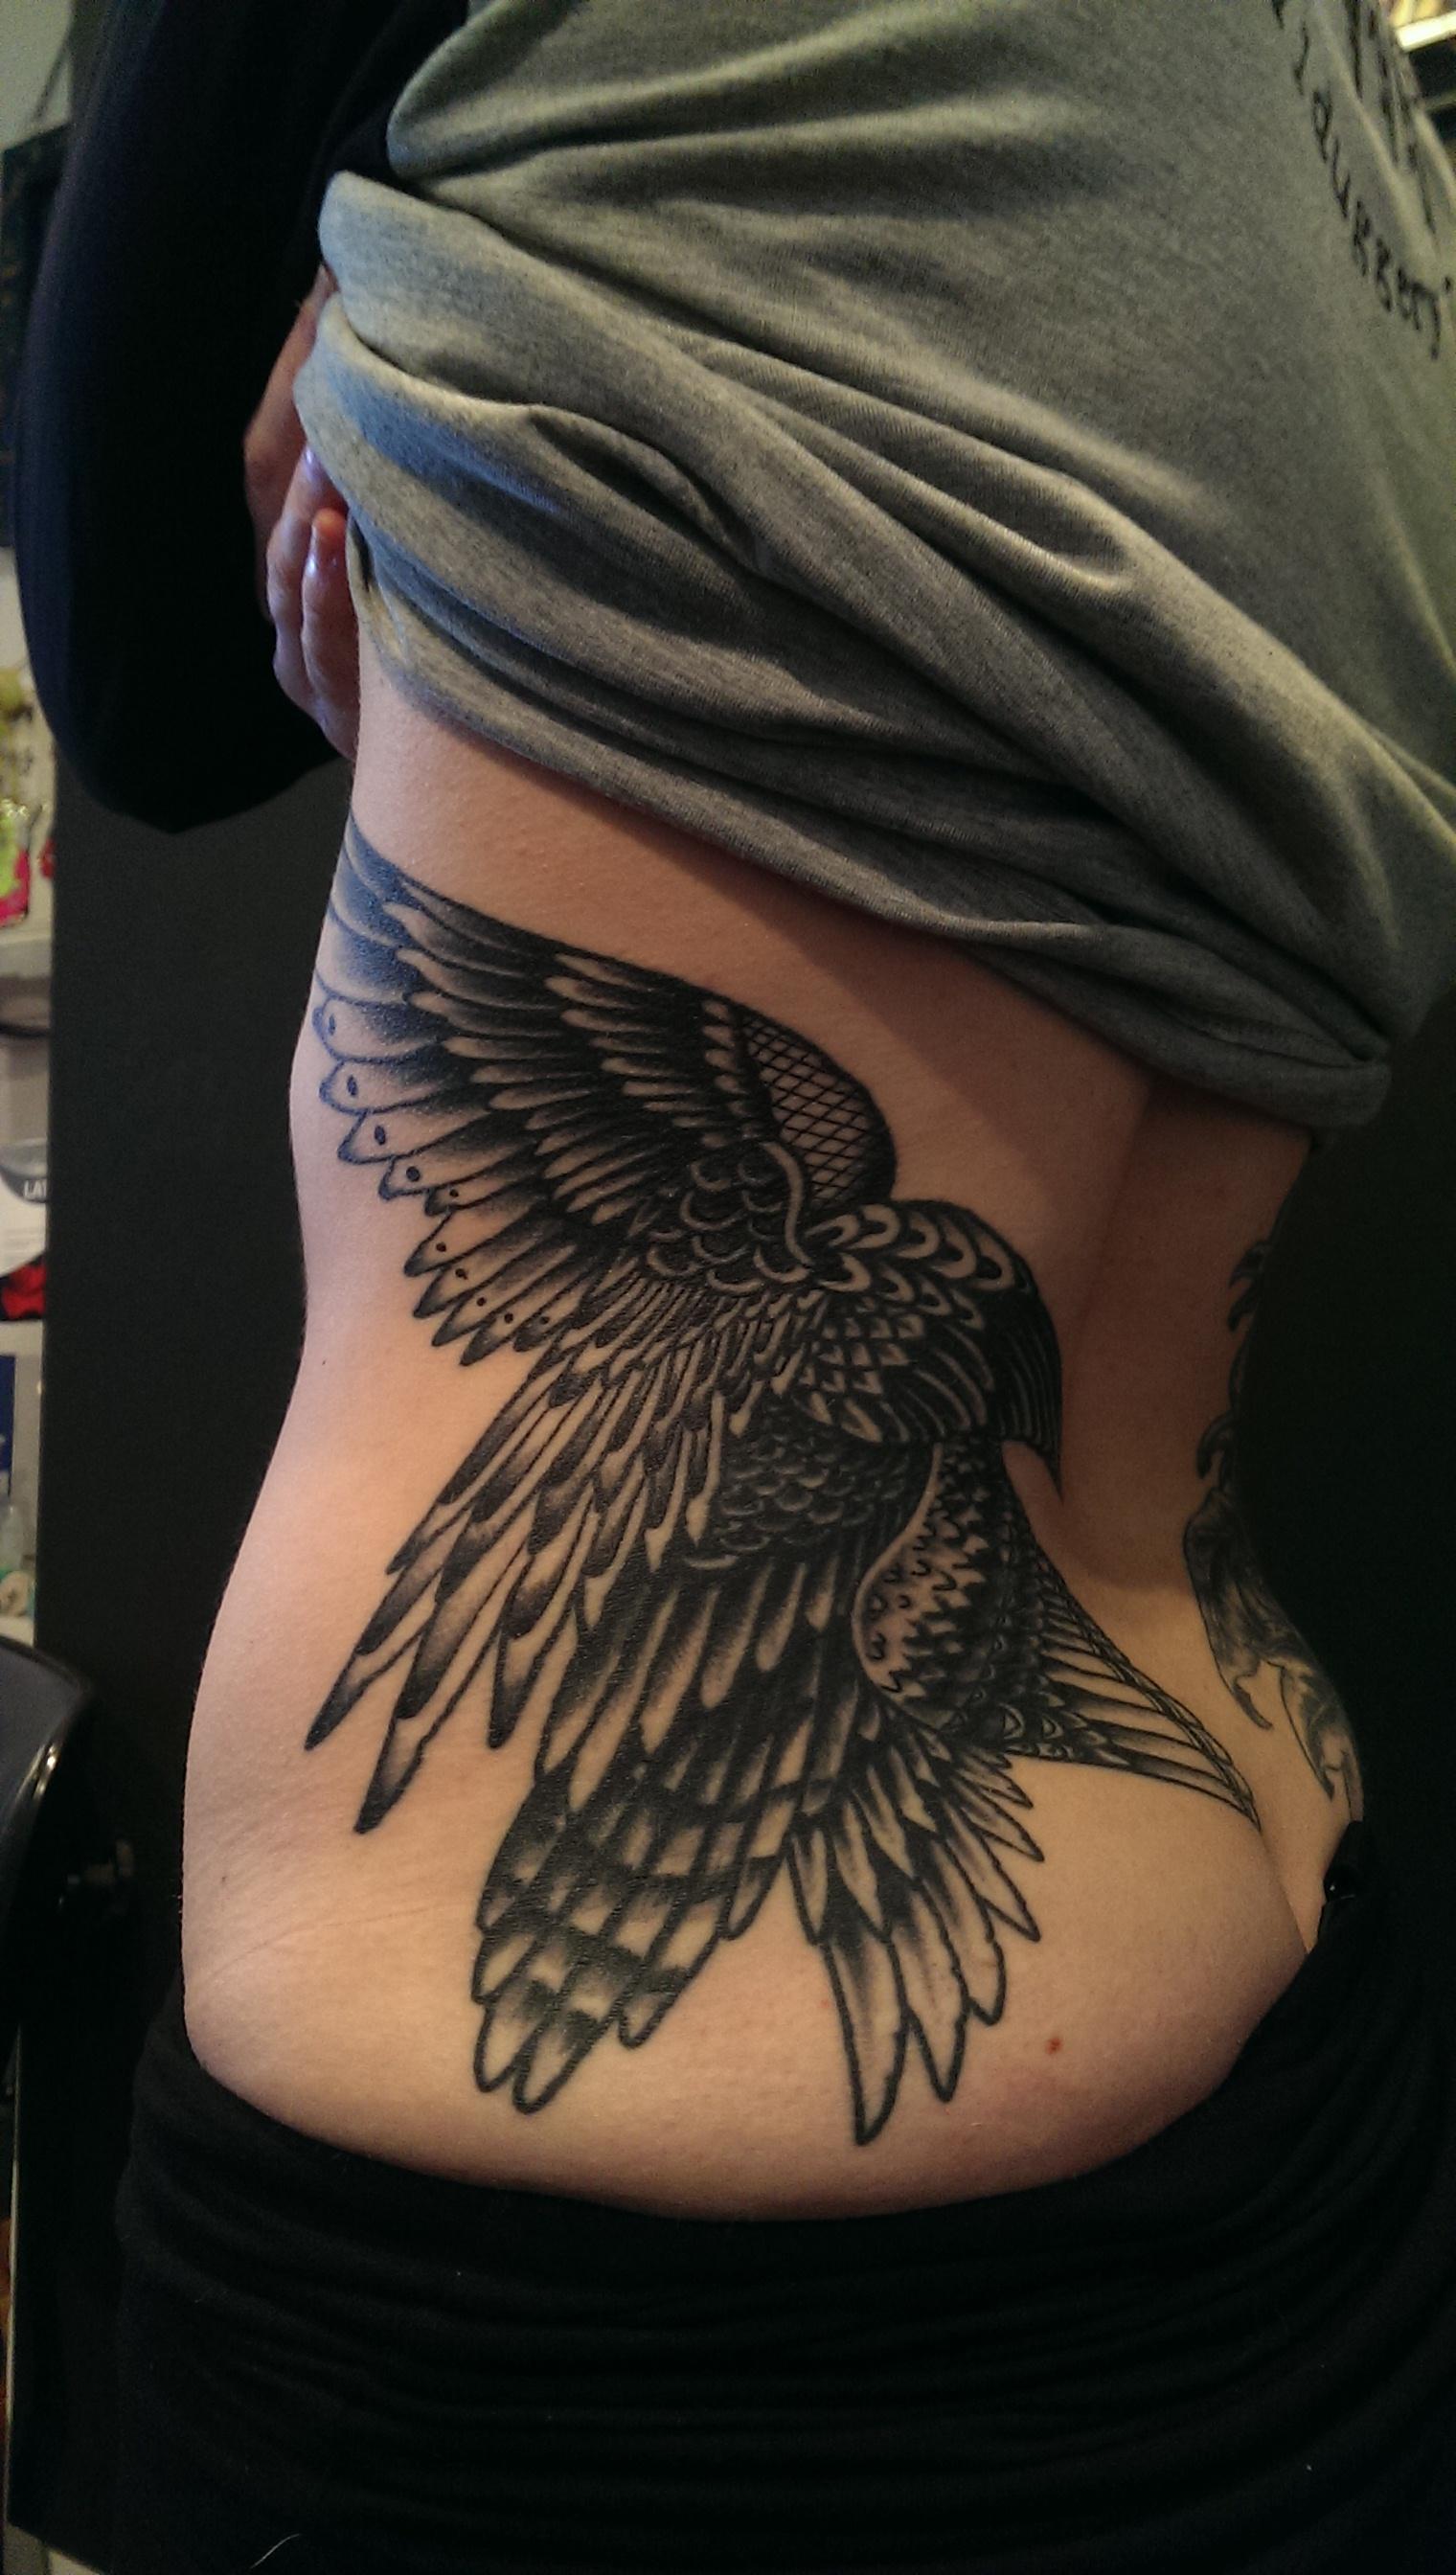 Helen MHelen McDonnell Tattoo BelfacDonnell